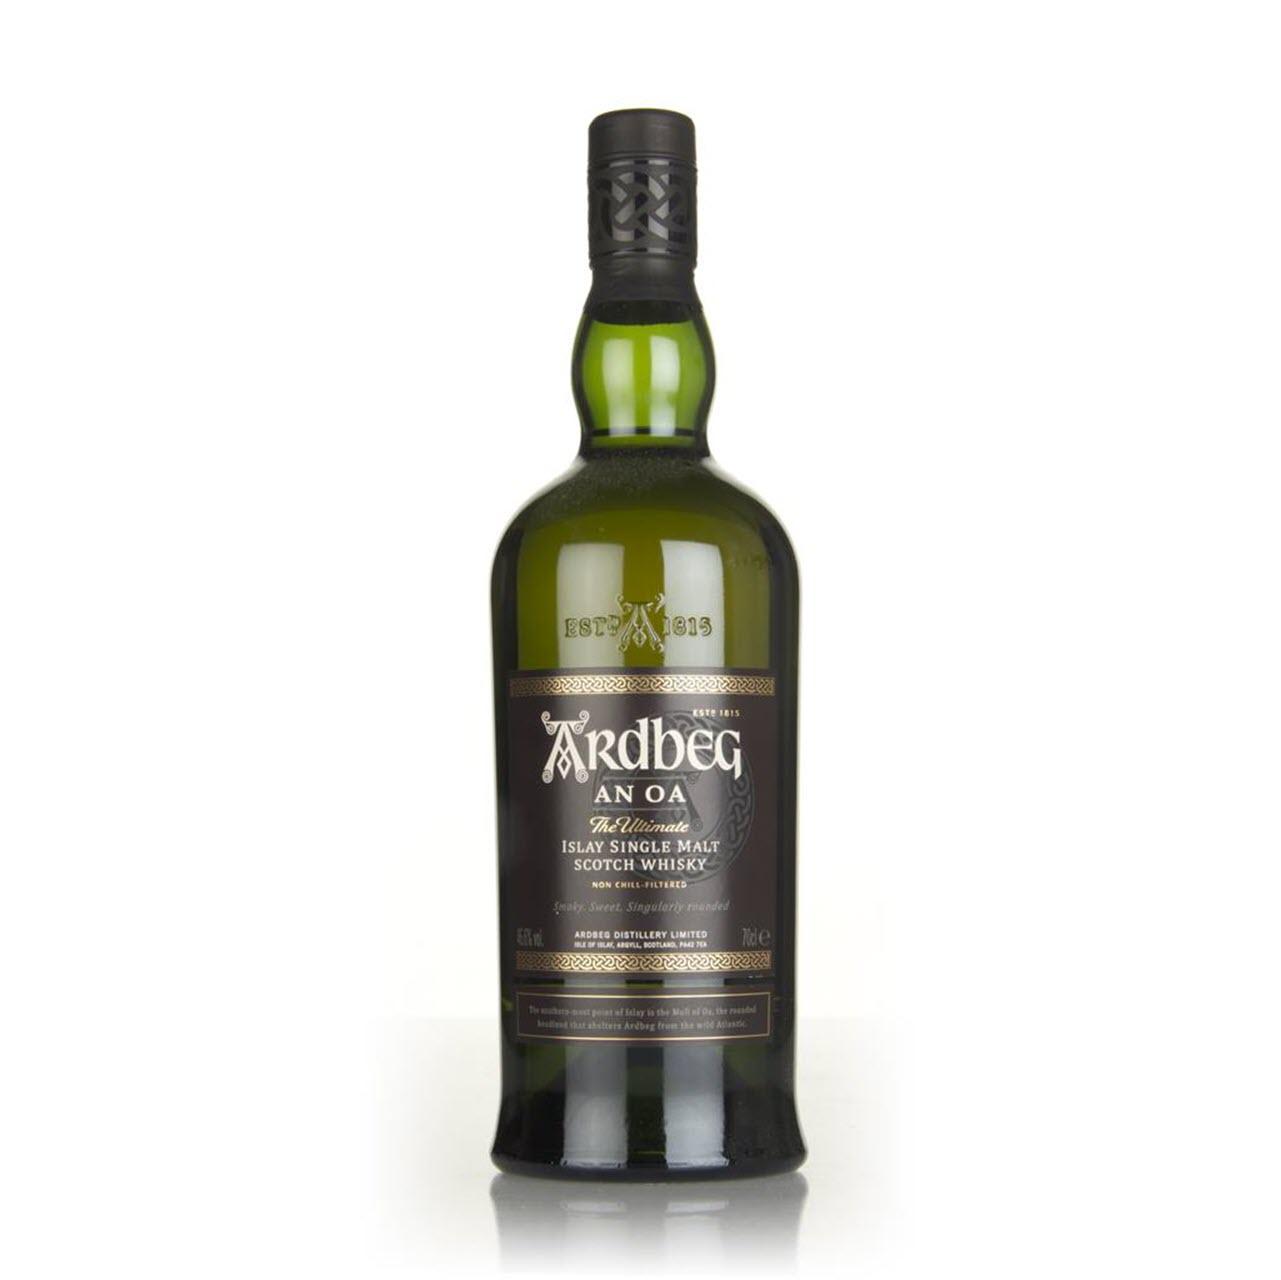 ardbeg-an-oa-whisky.jpg